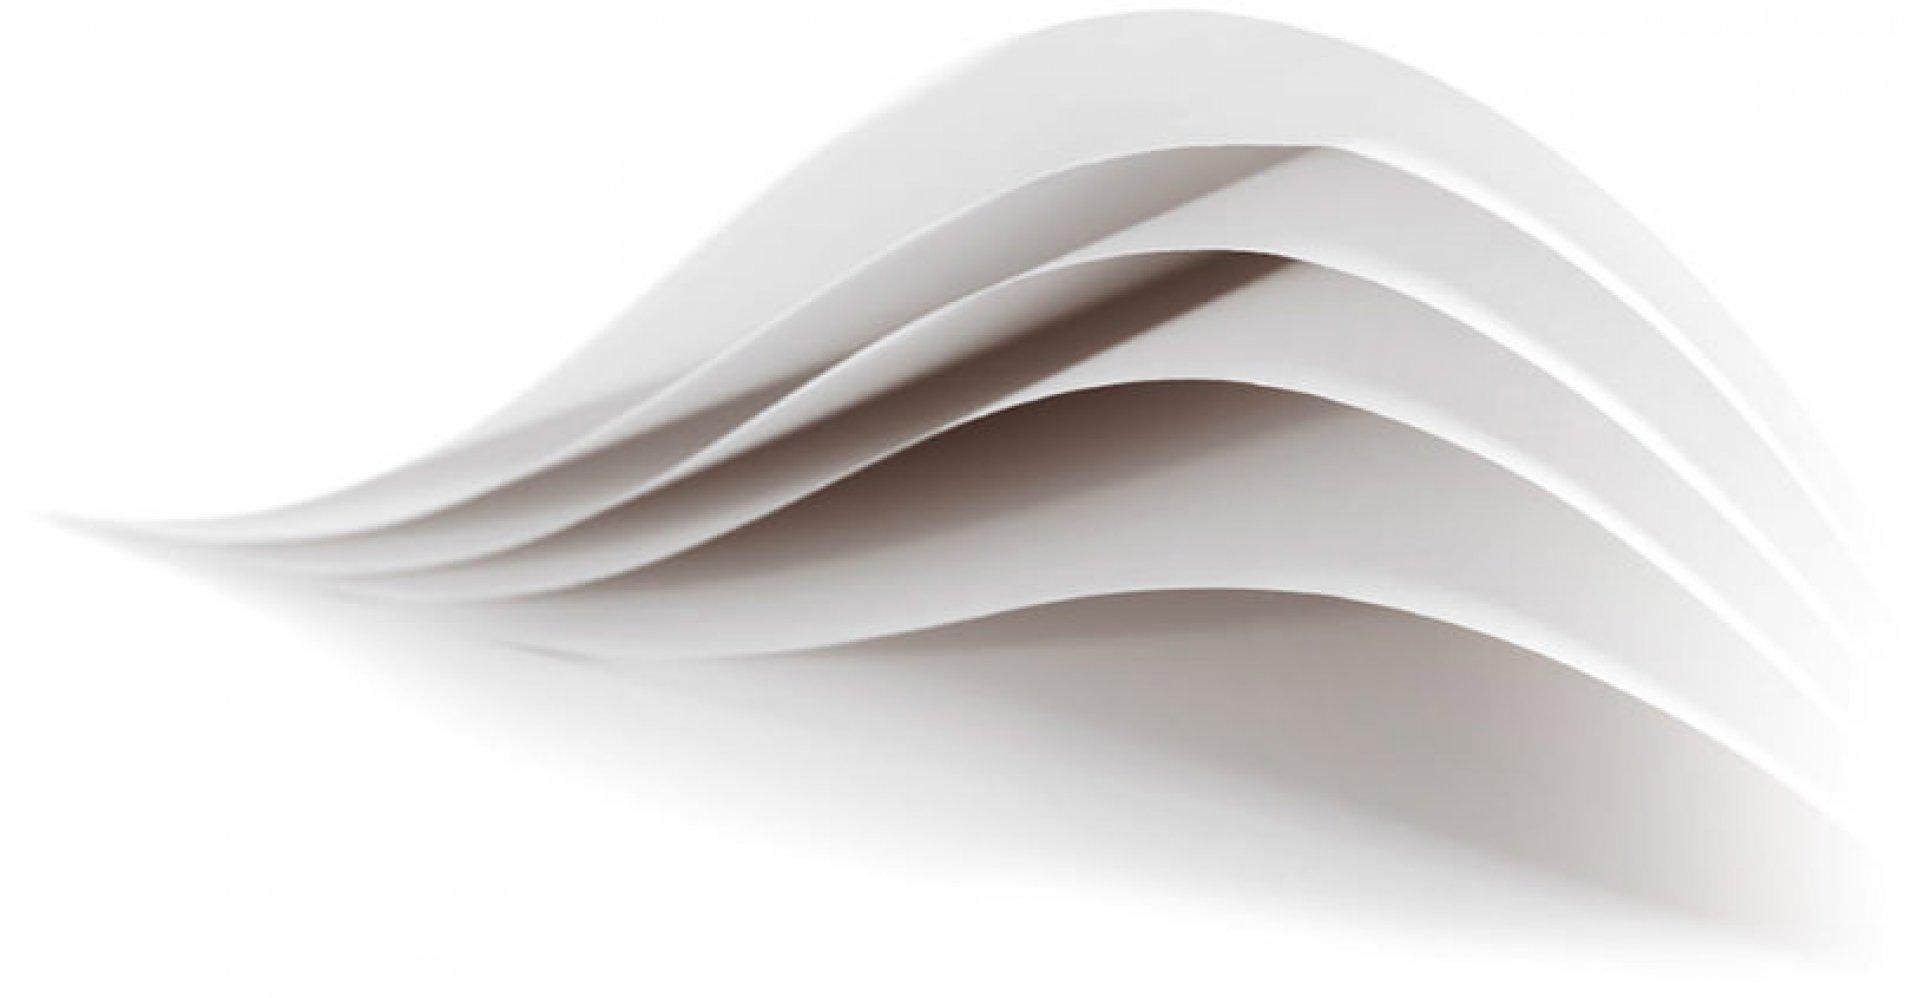 papier aus stein